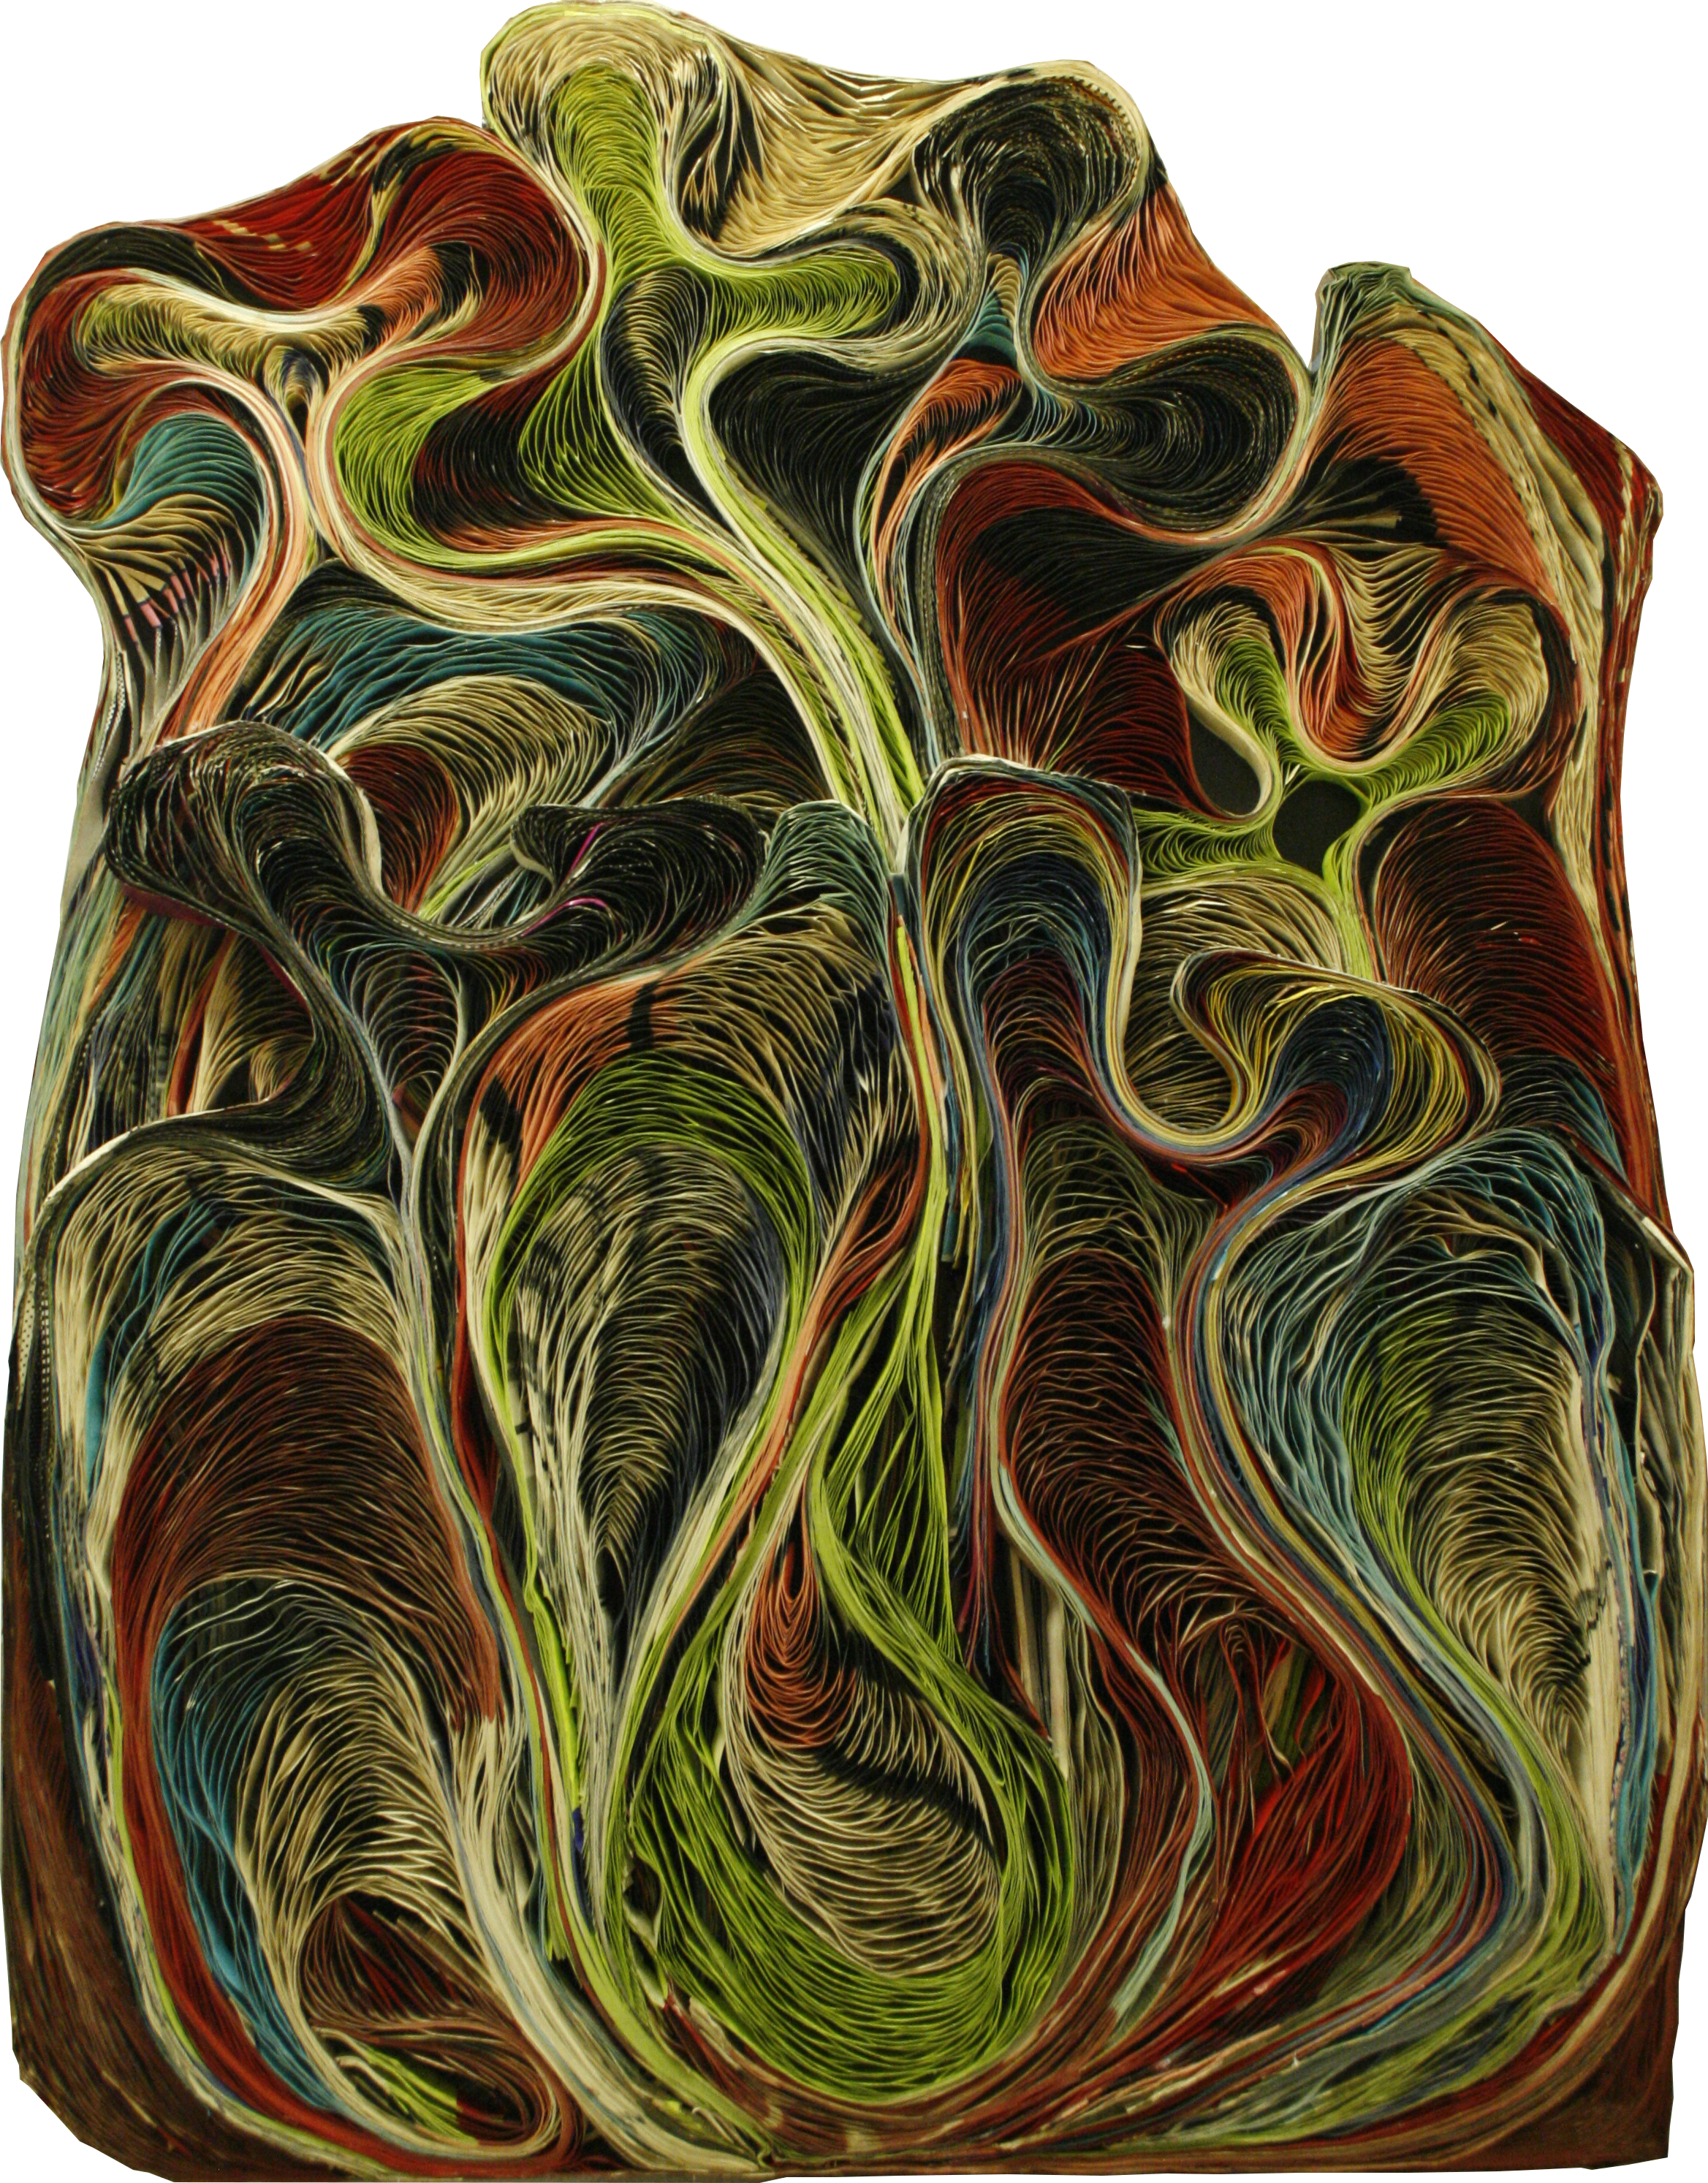 BAROQUE I - Pavlos Dionyssopoulos (1966) - Lés de papier massicotés montés sur un fond en bois. Encadrement sous Plexiglas®.